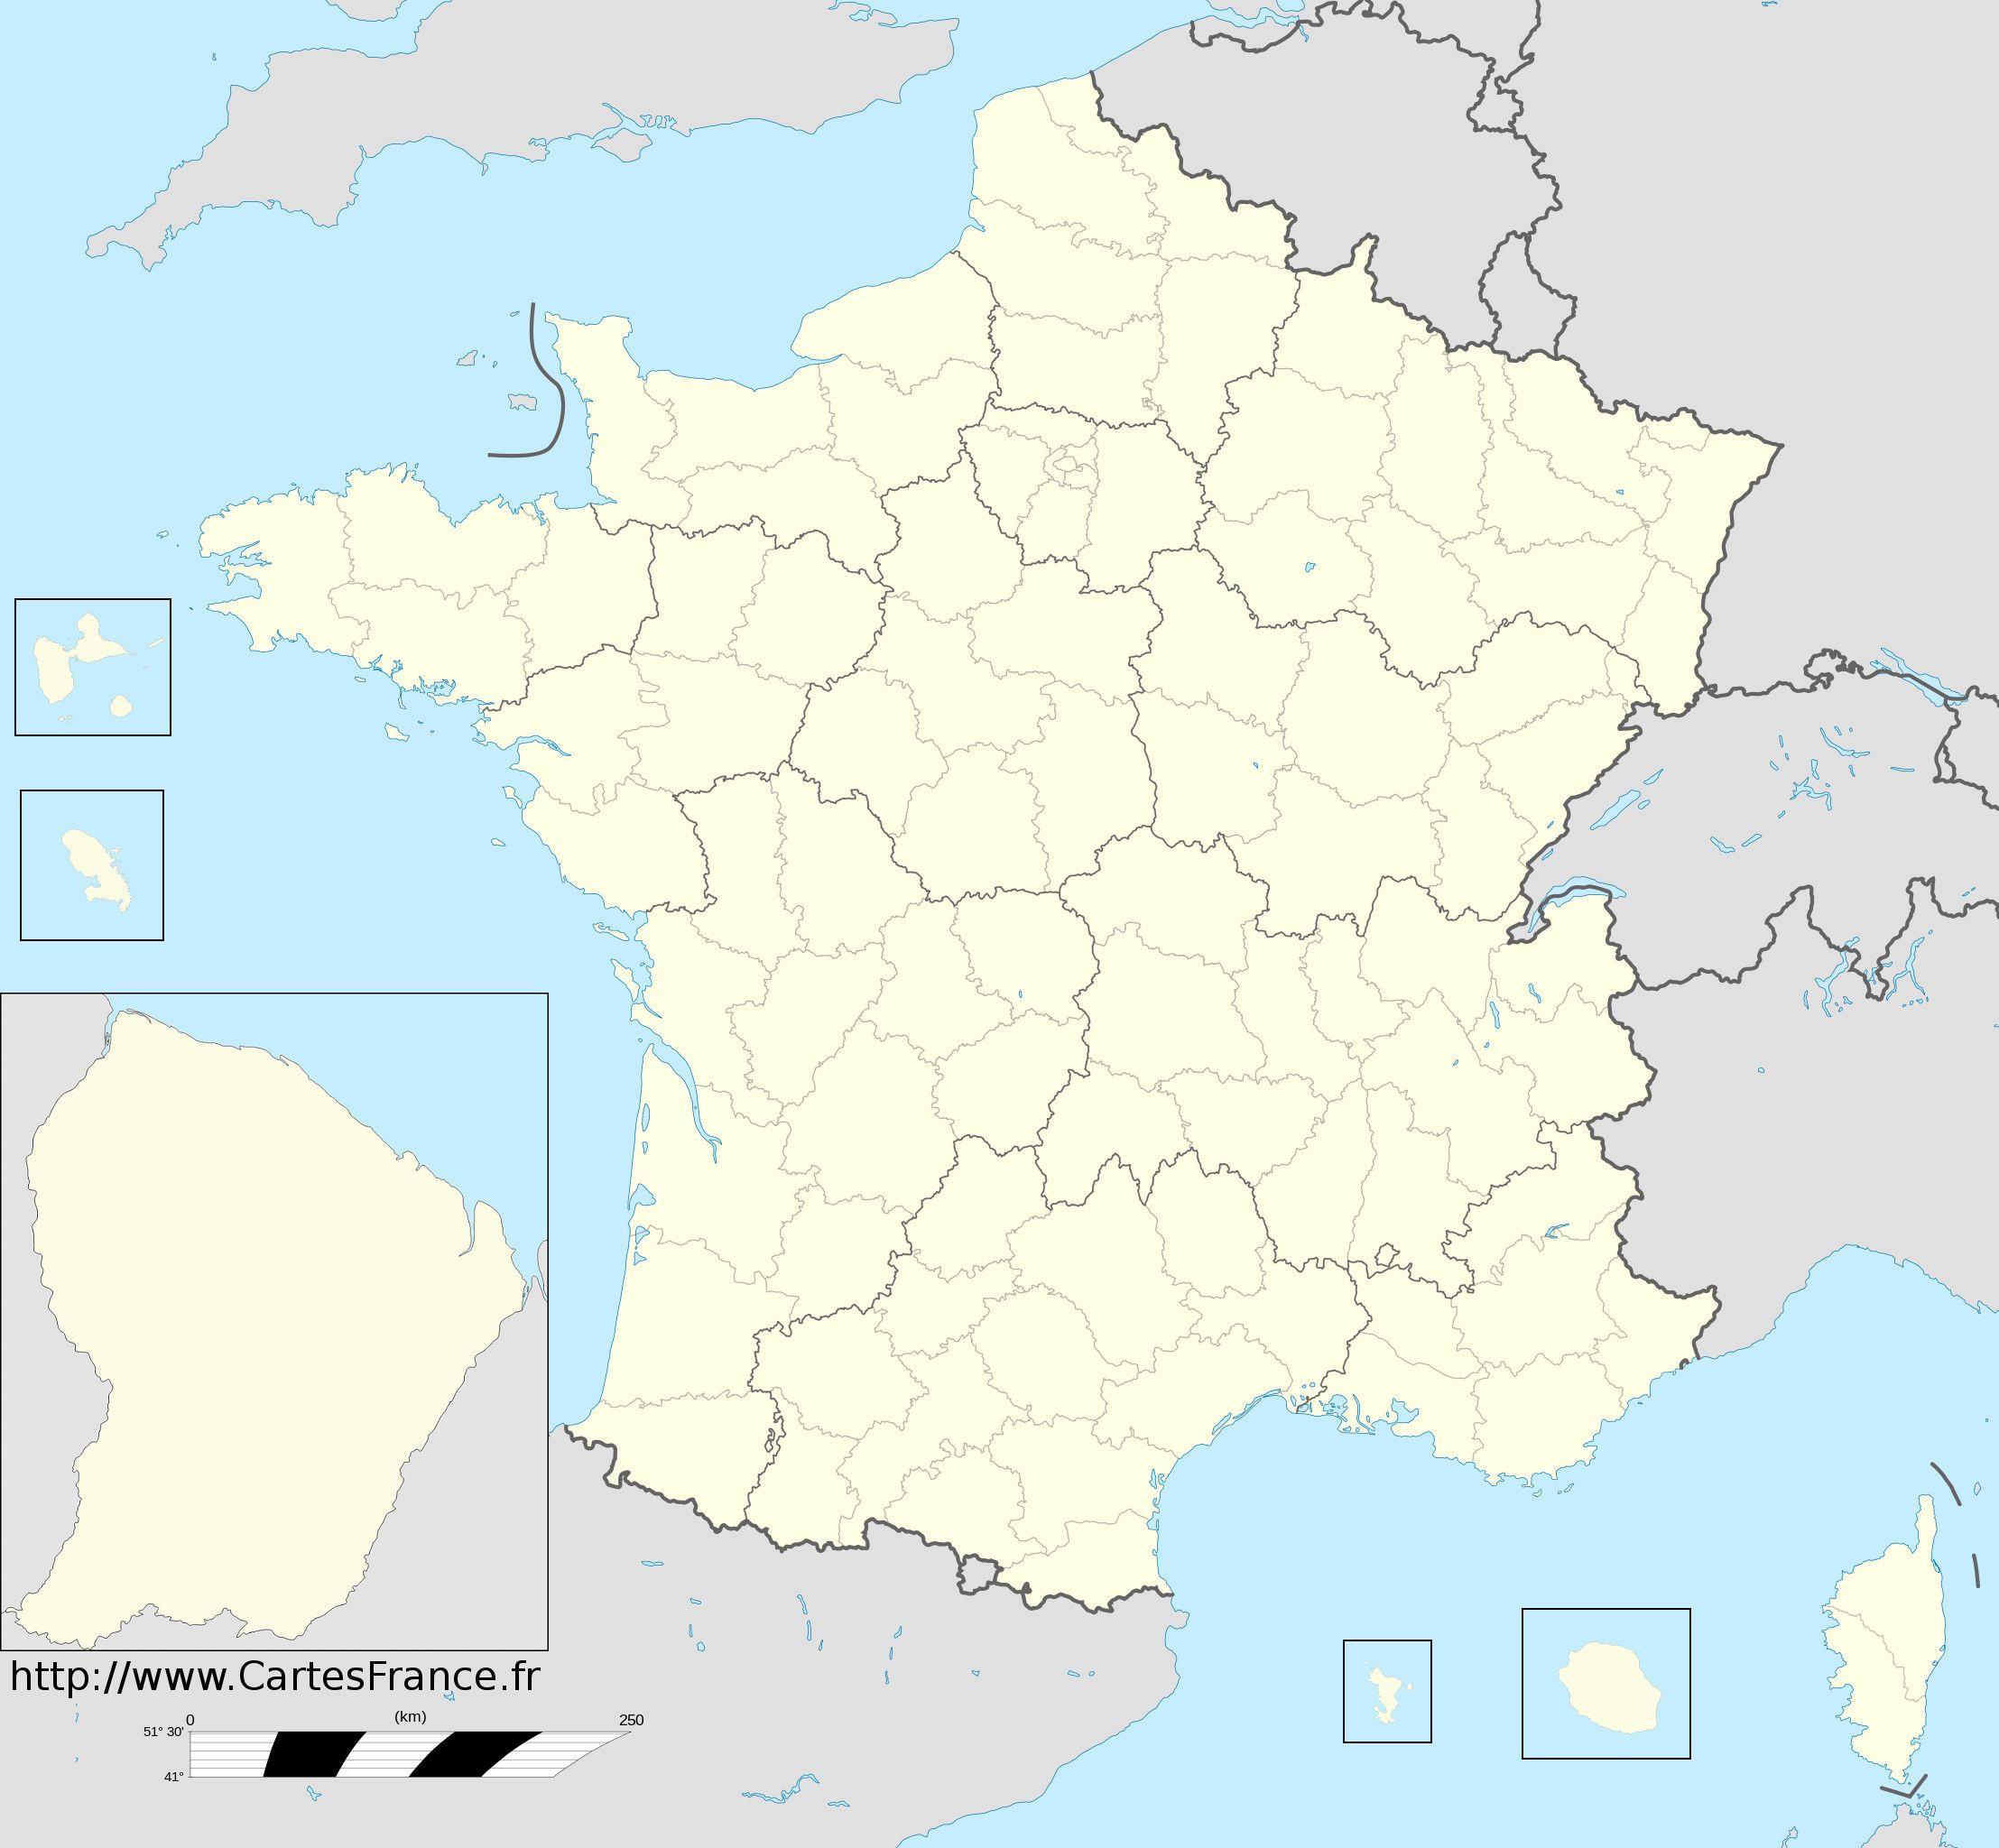 Nouveau Fond De Carte Des Départements   Carte Des Régions encequiconcerne Carte France Région Vierge